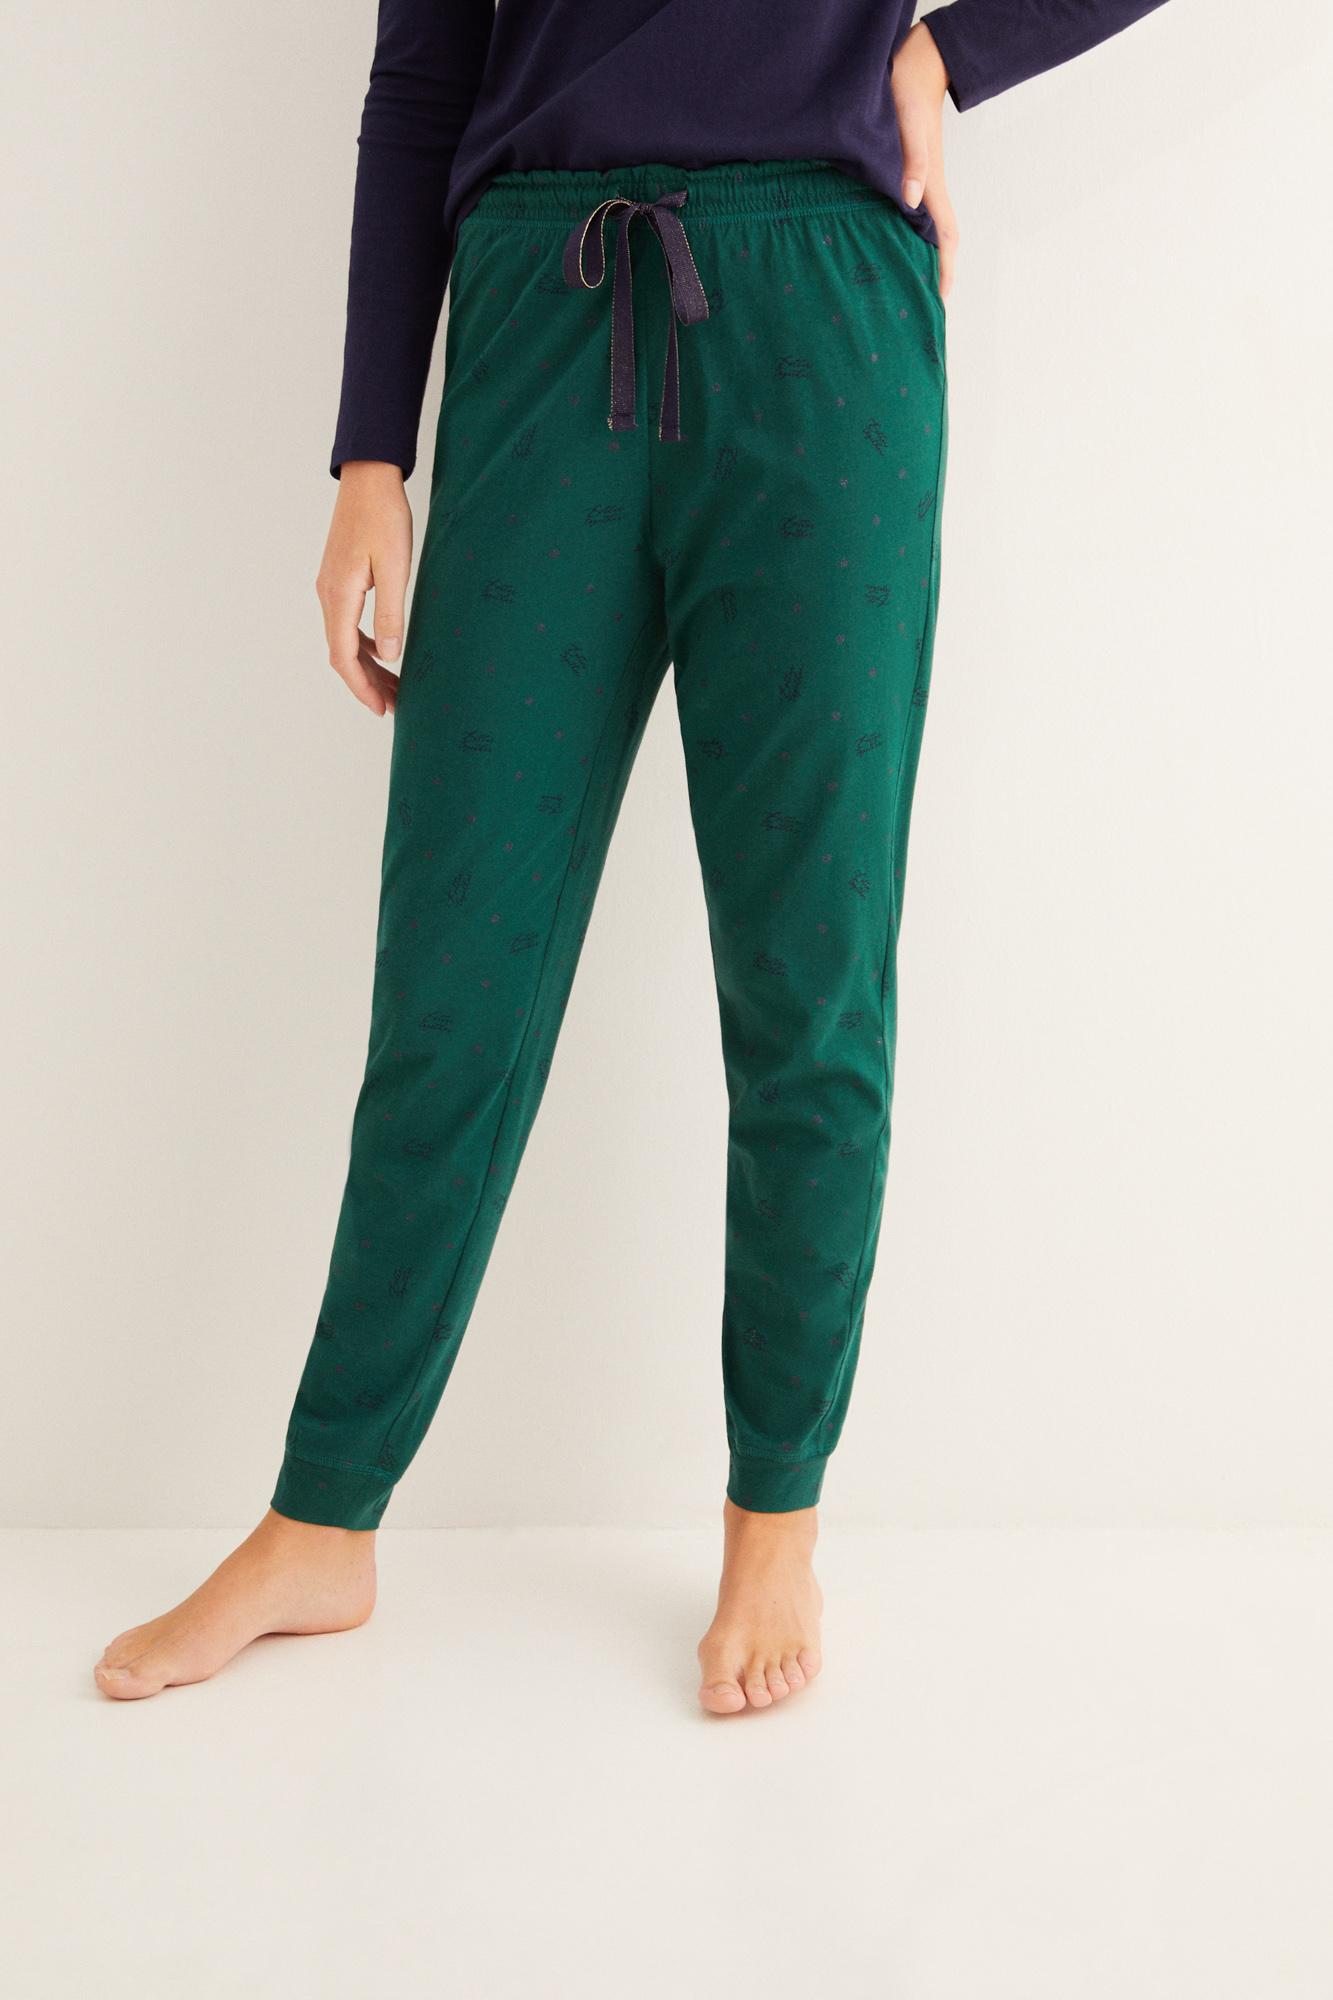 Pantalón largo de pijama estampado navidad verde